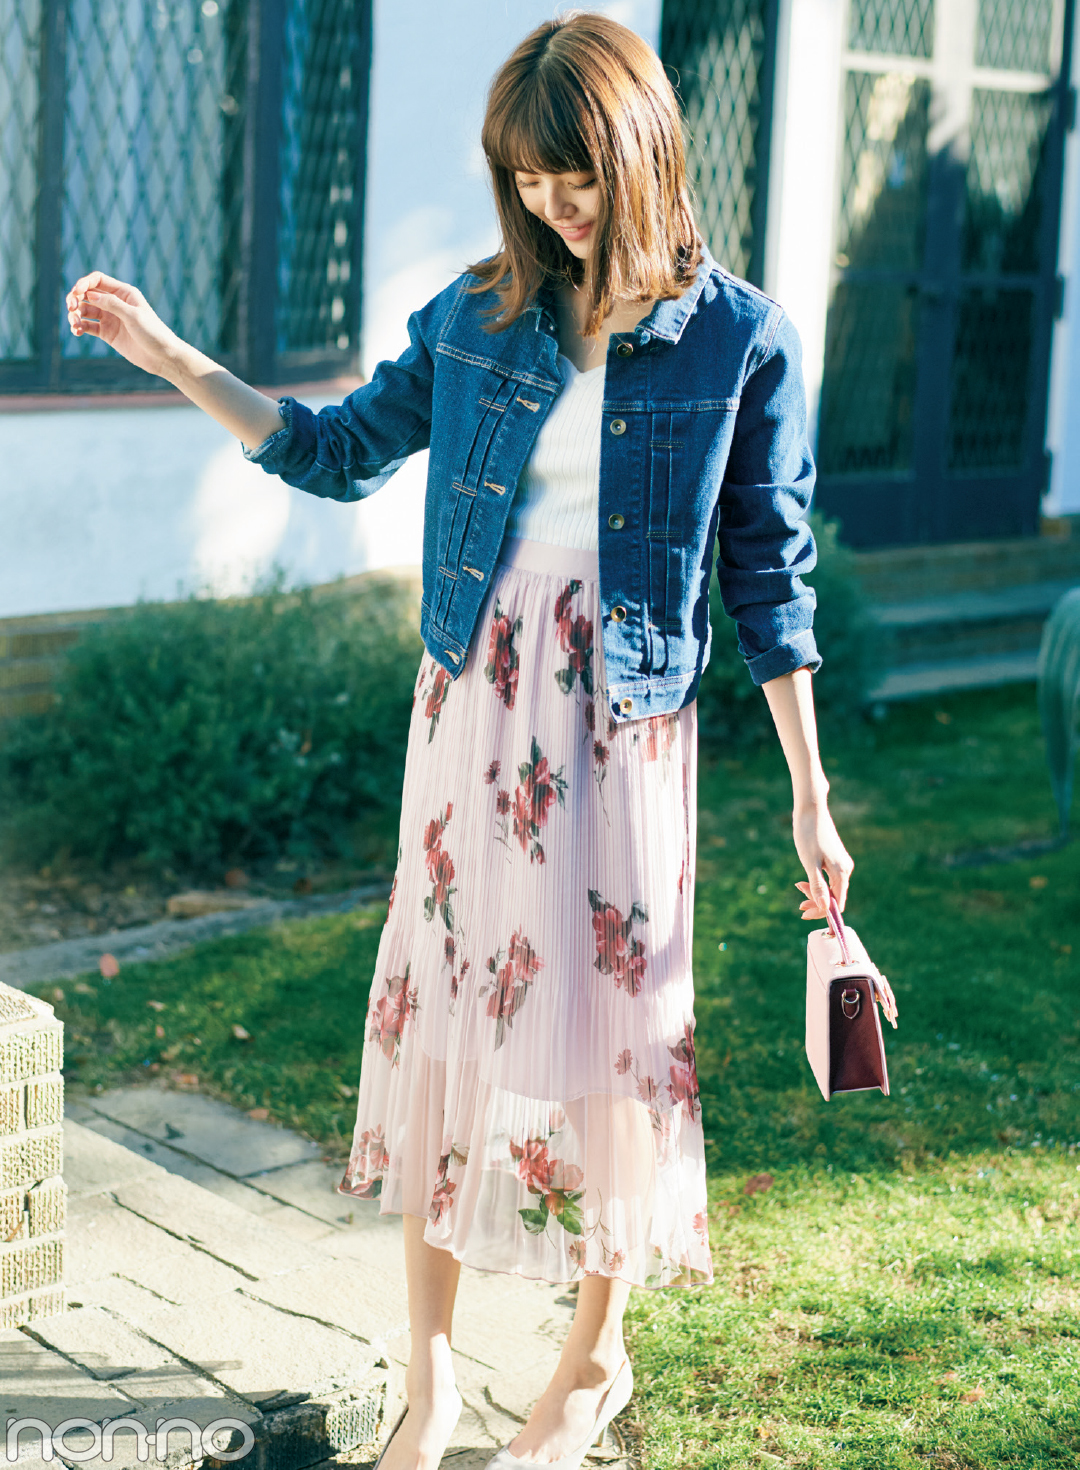 盛れる♡ 春めき花柄スカート、フェミカジ&きれいめコーデのお手本はコレ!_1_1